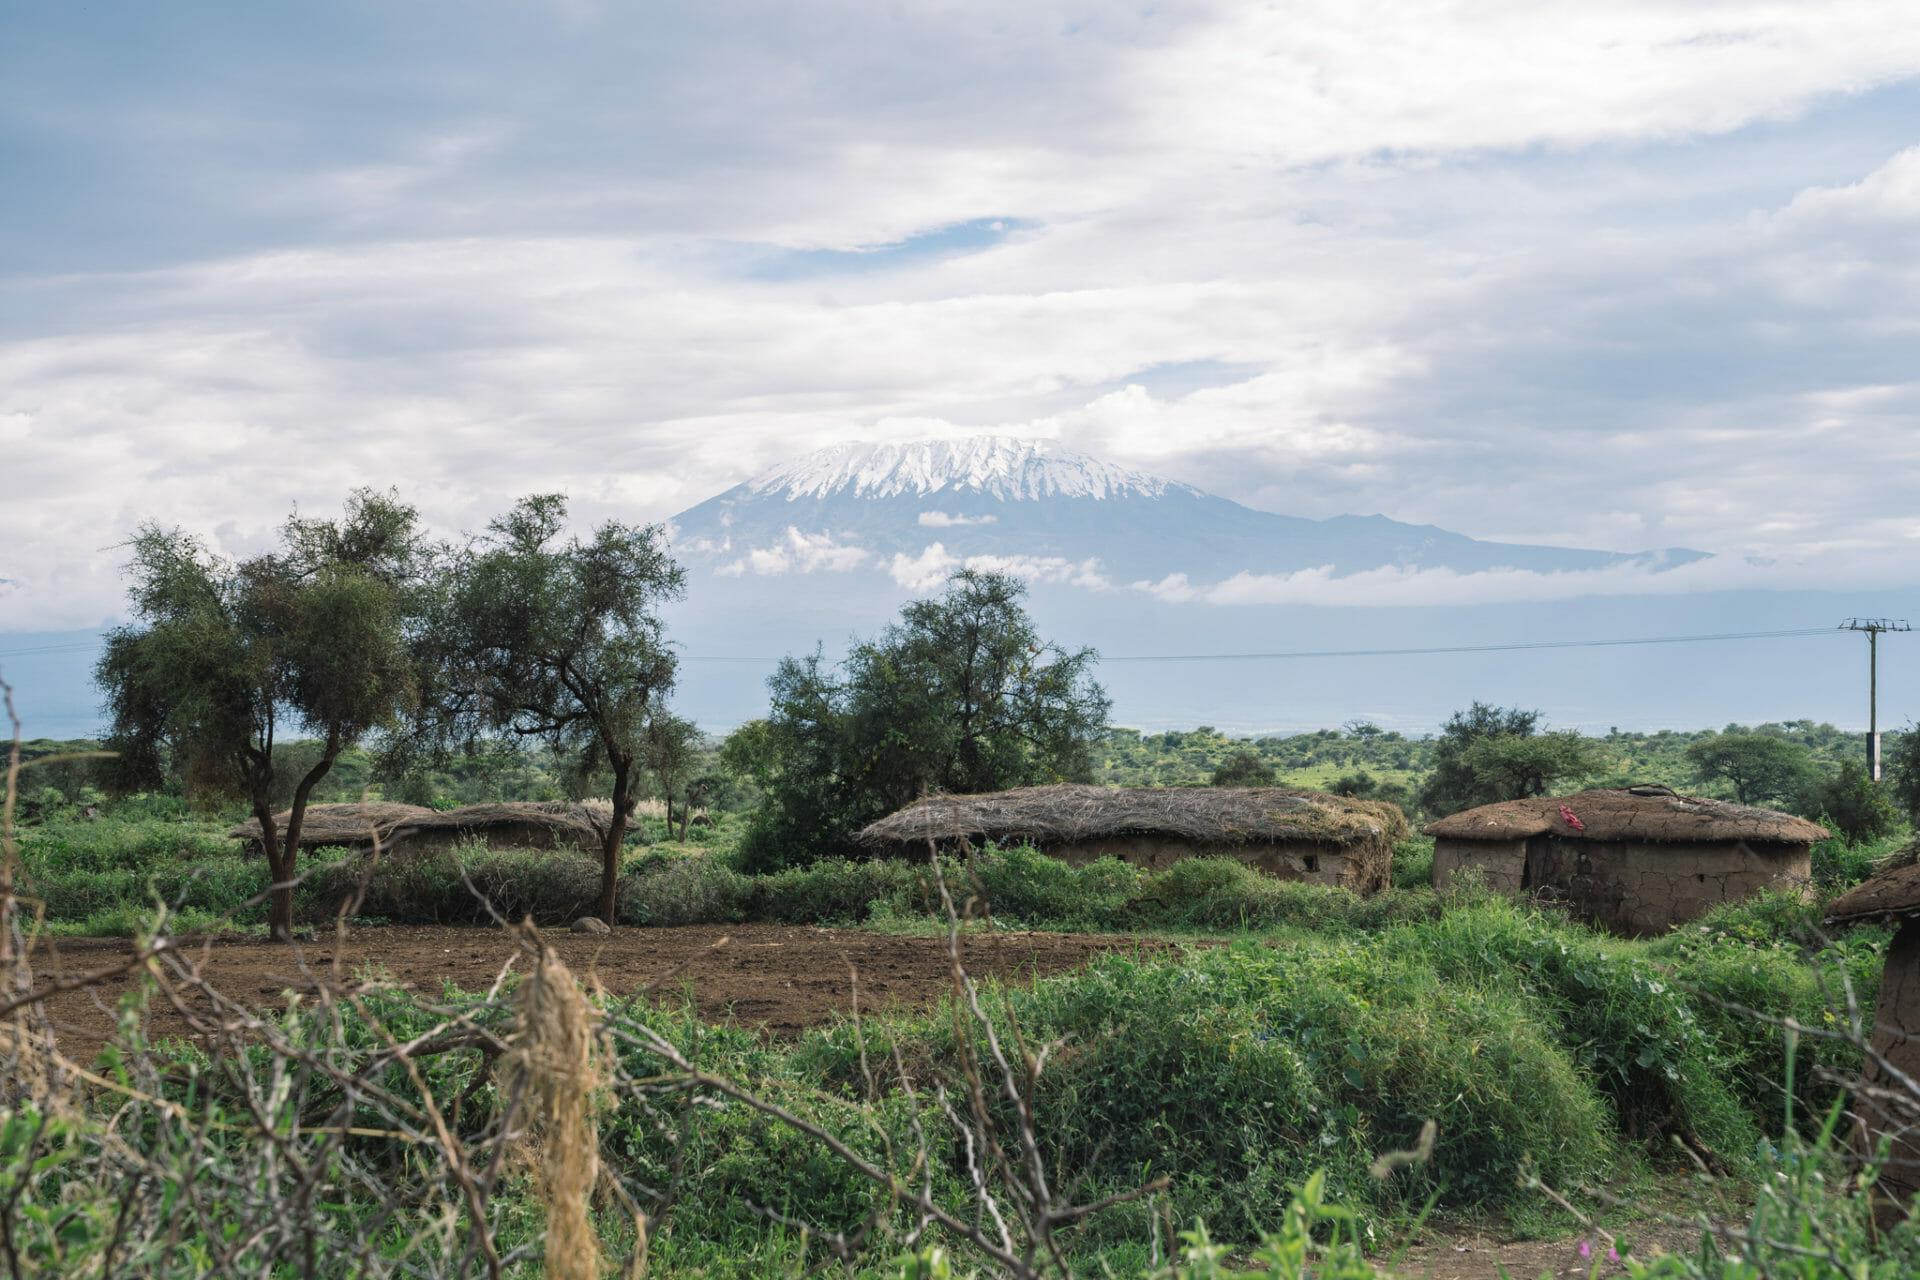 kenya-parc-amboseli-we4kenya-kenya-kilimanjaro